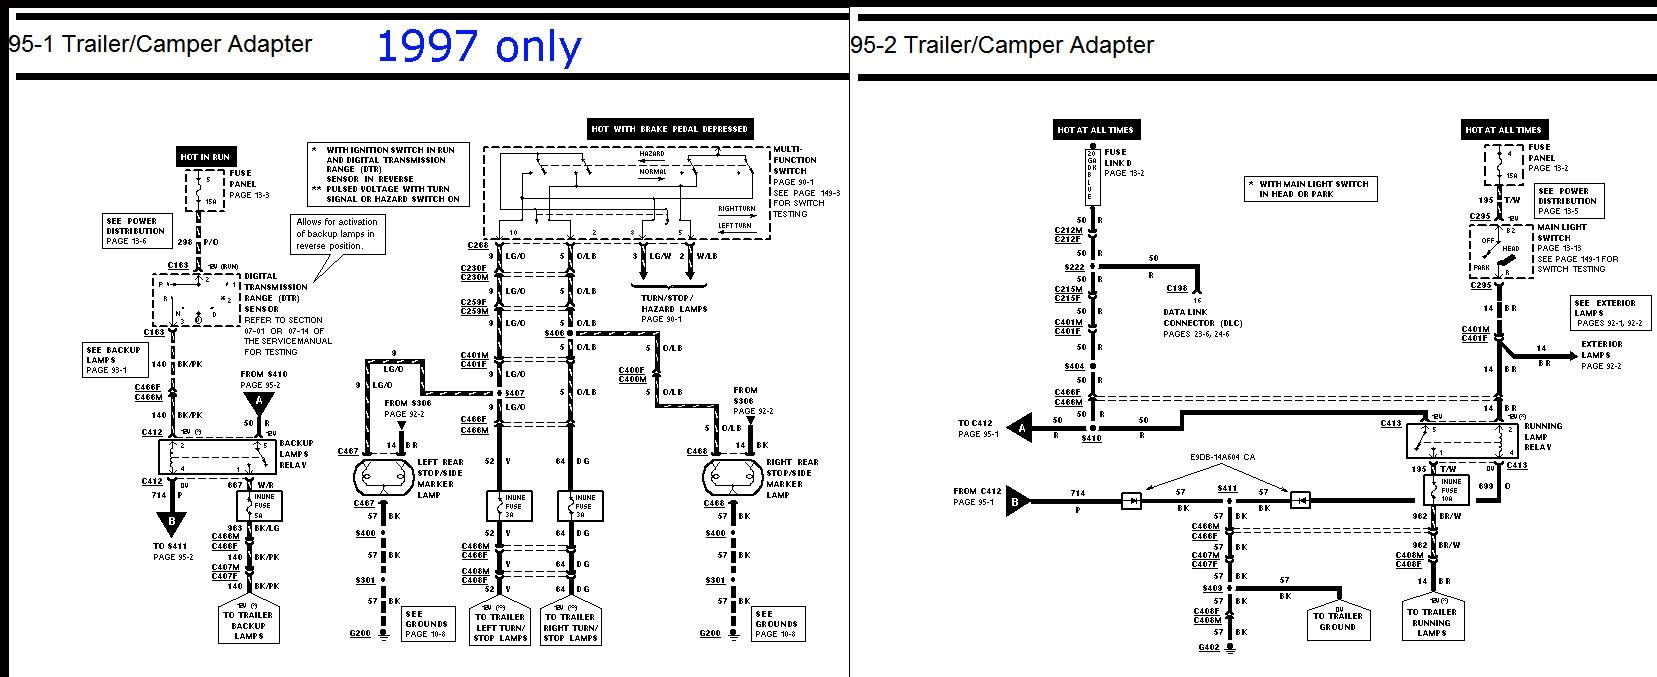 1997 ford f 350 trailer wiring diagram | receipts-transf all wiring diagram  - receipts-transf.apafss.eu  apafss.eu